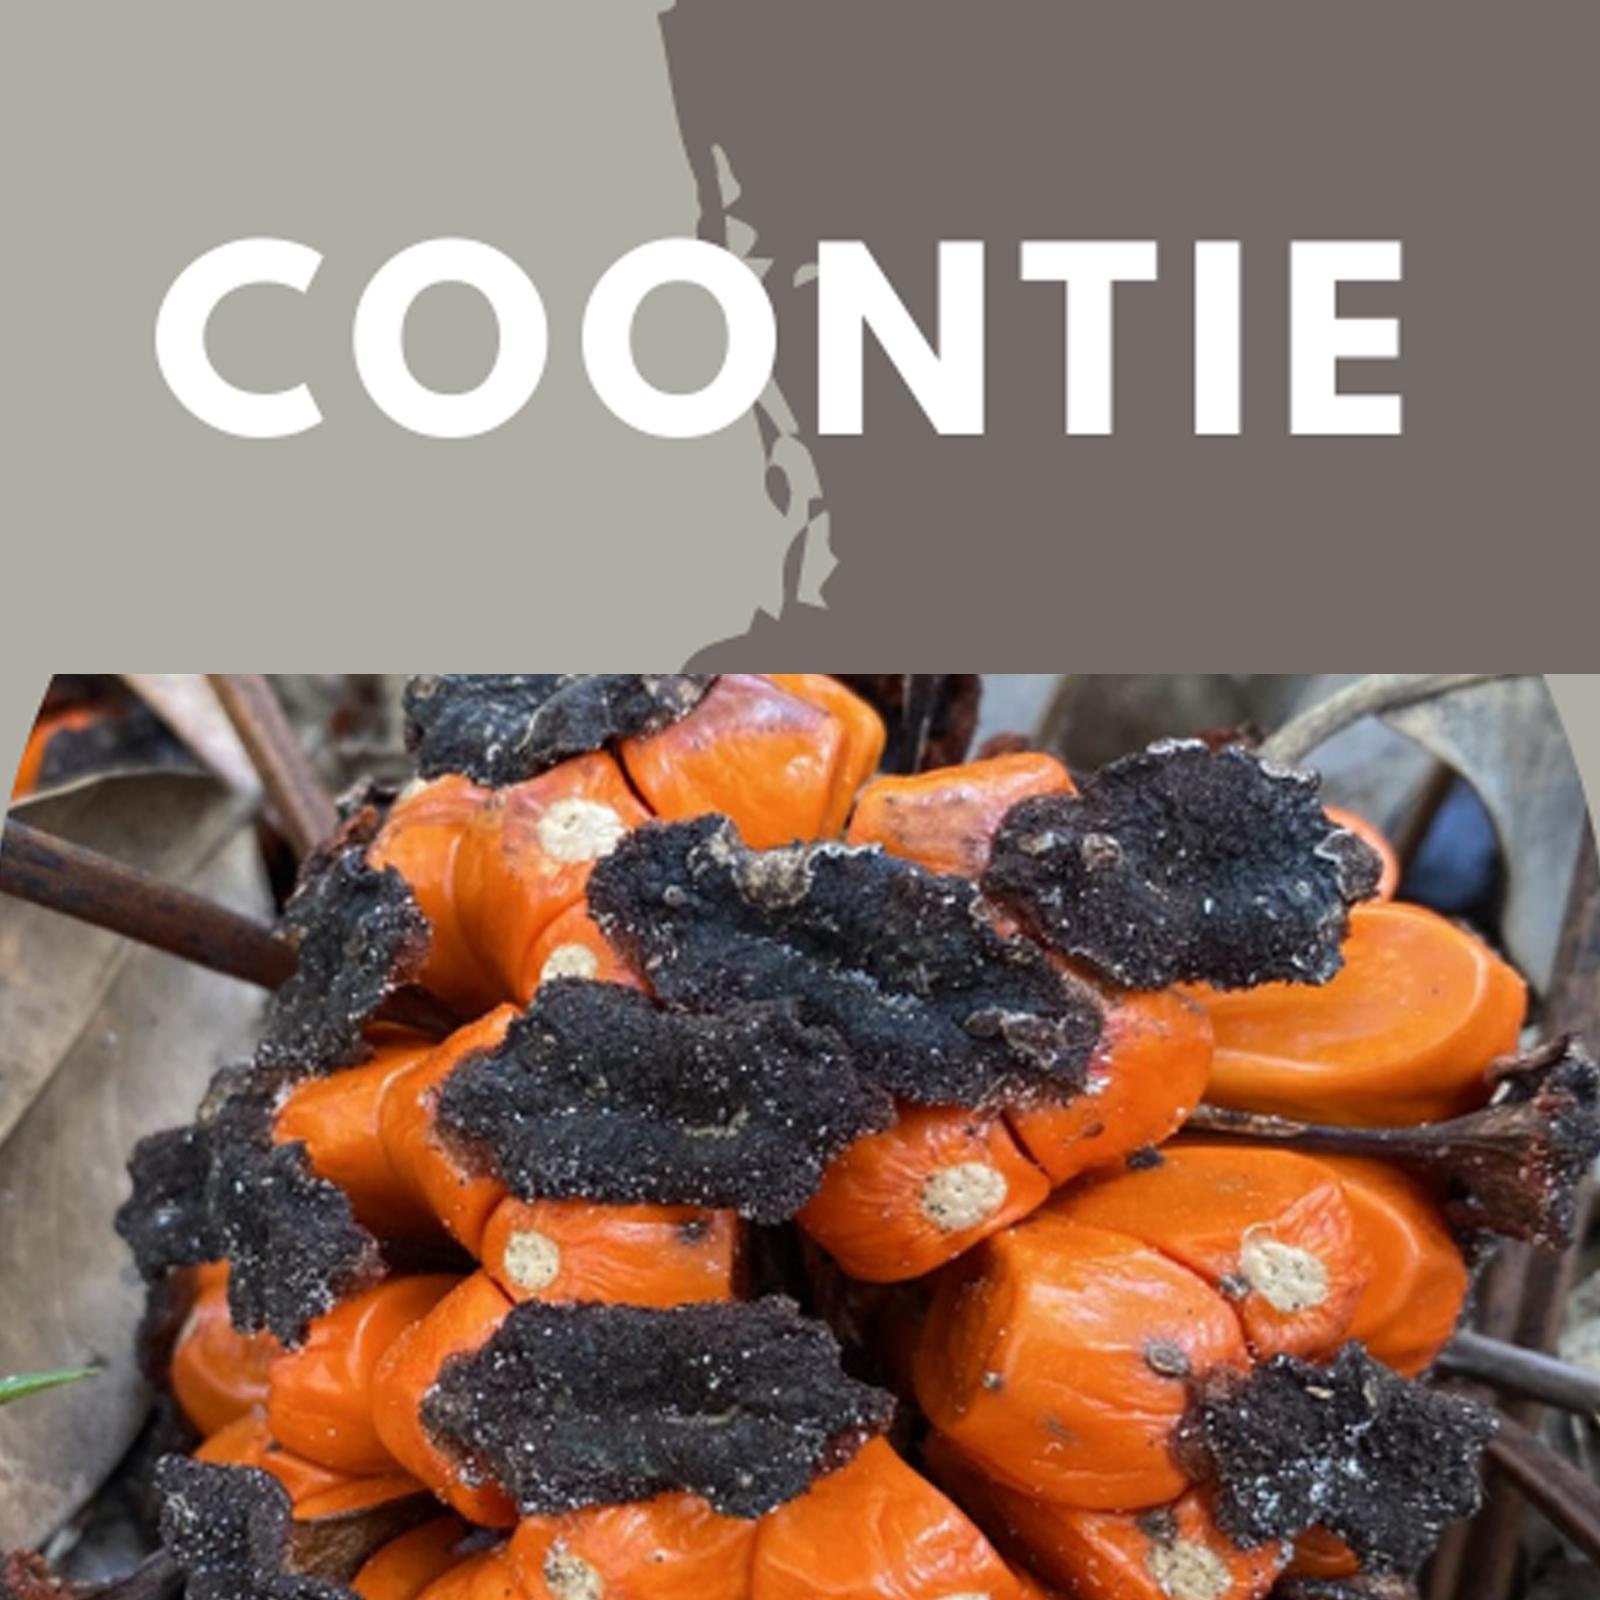 coontie